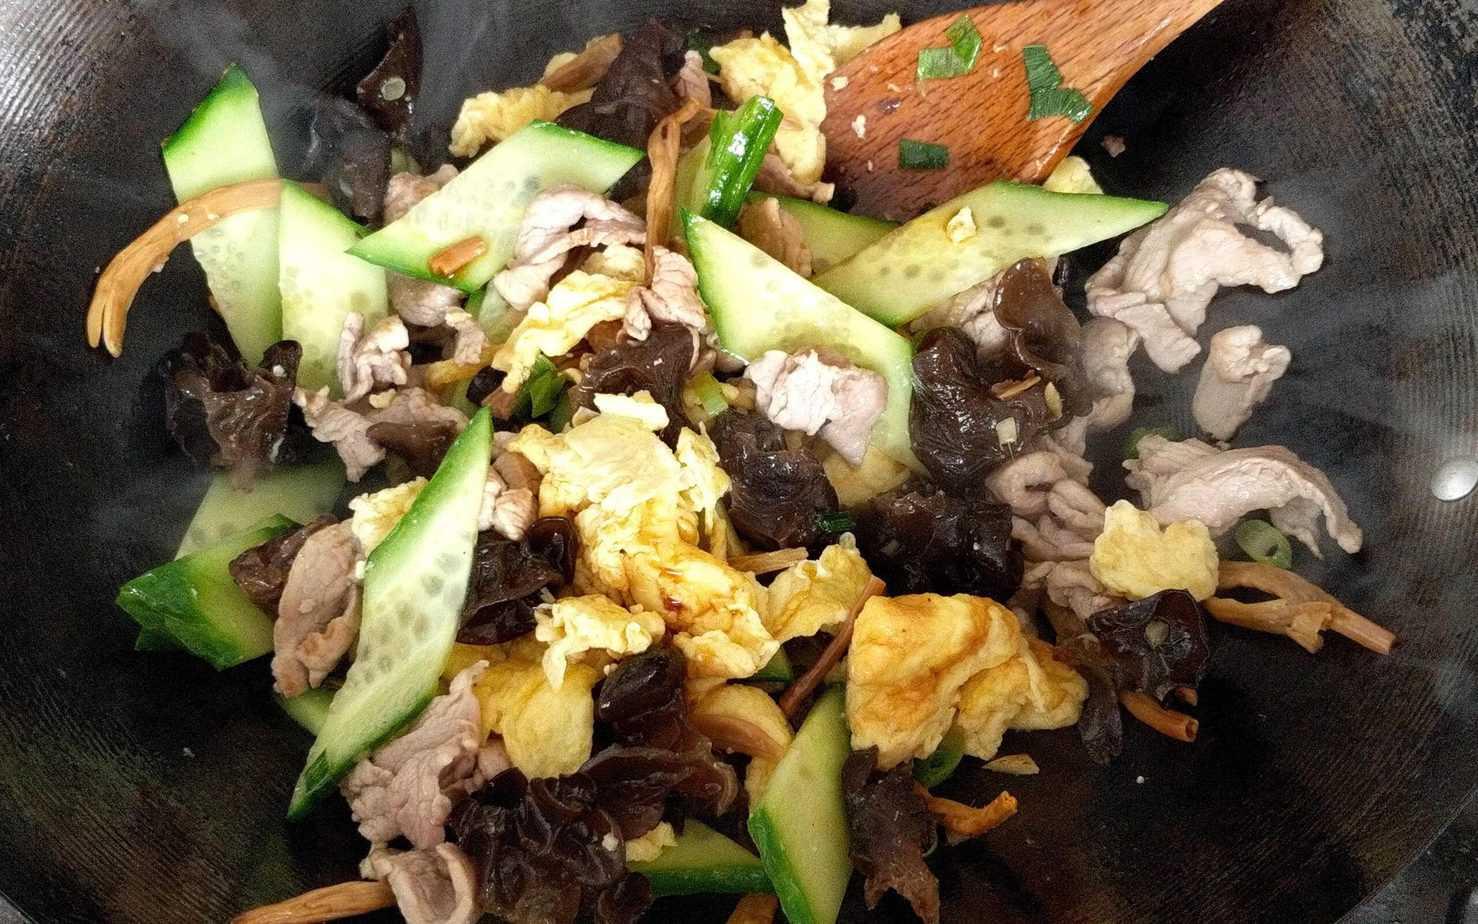 Cooking Moo Shu Pork in a wok